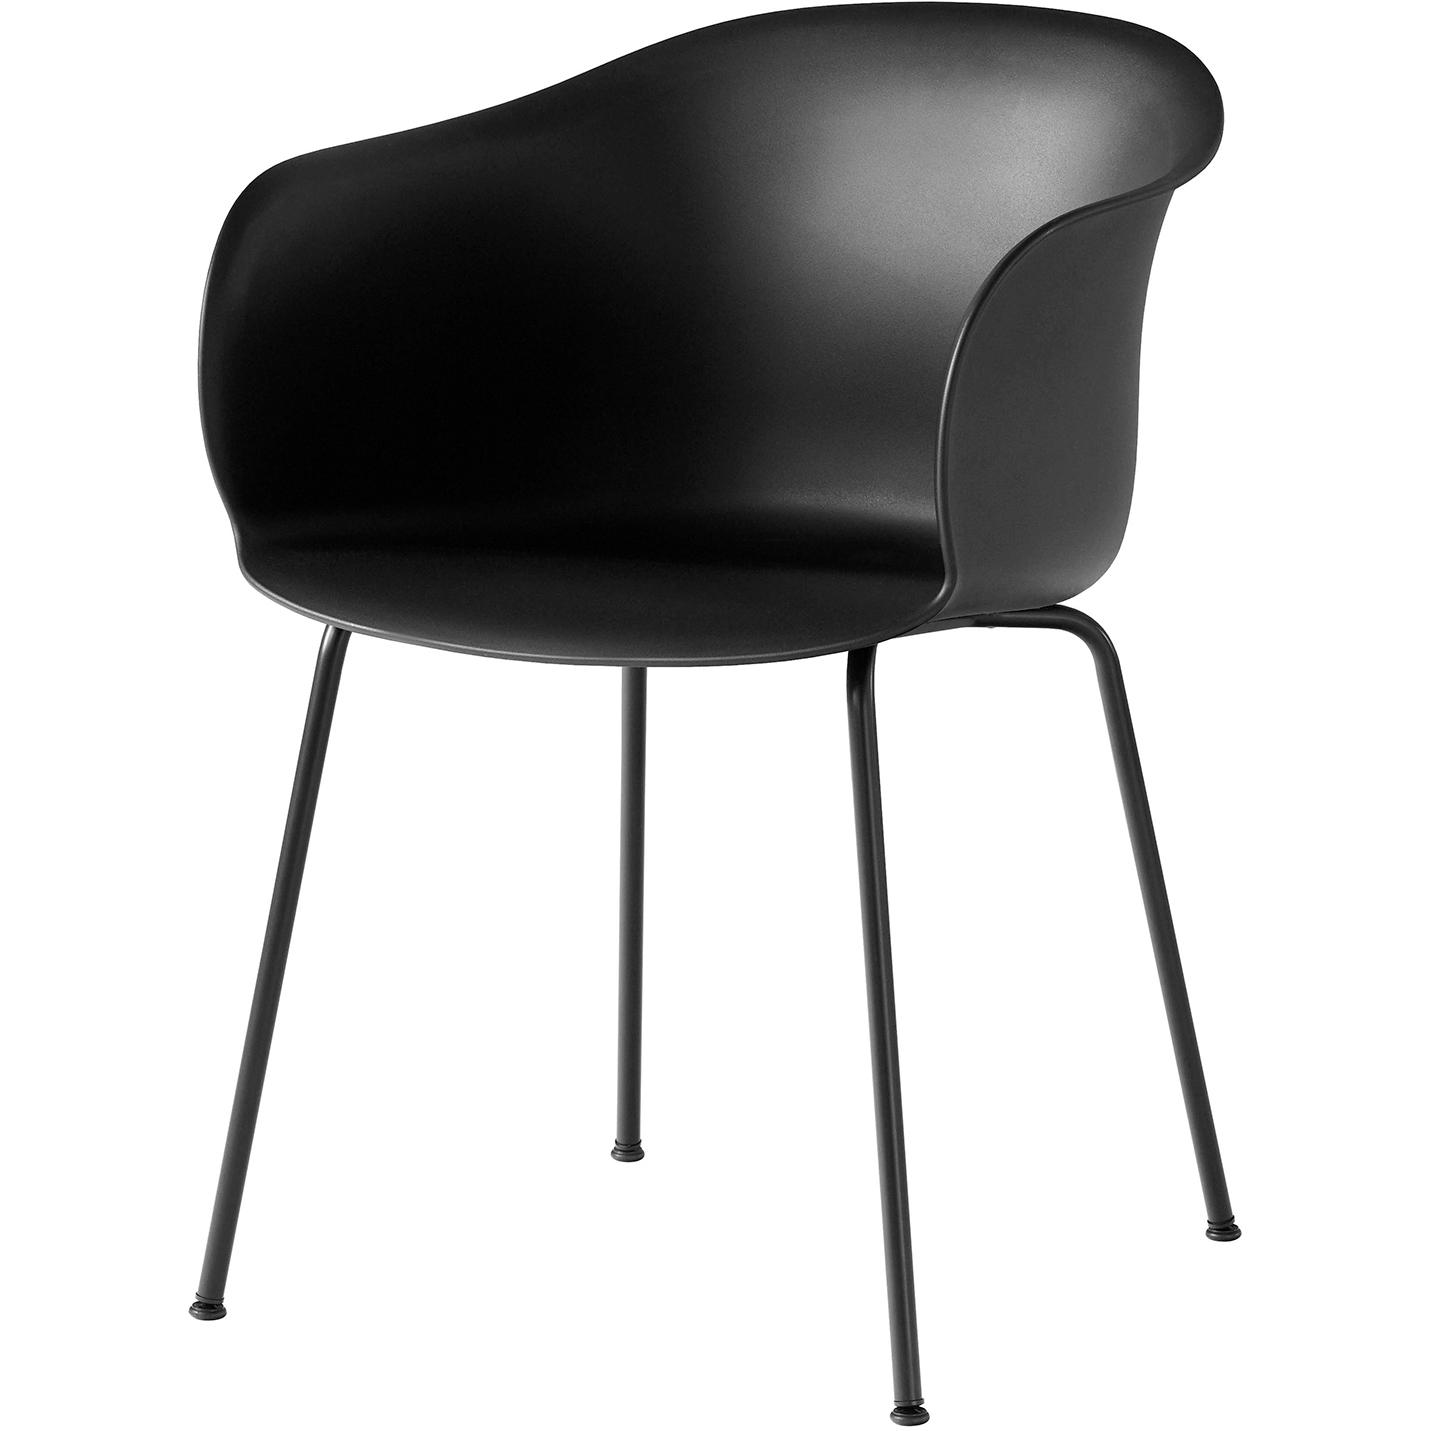 Bilde av &Tradition-Elefy Chair JH28 Black Base / Black Cover